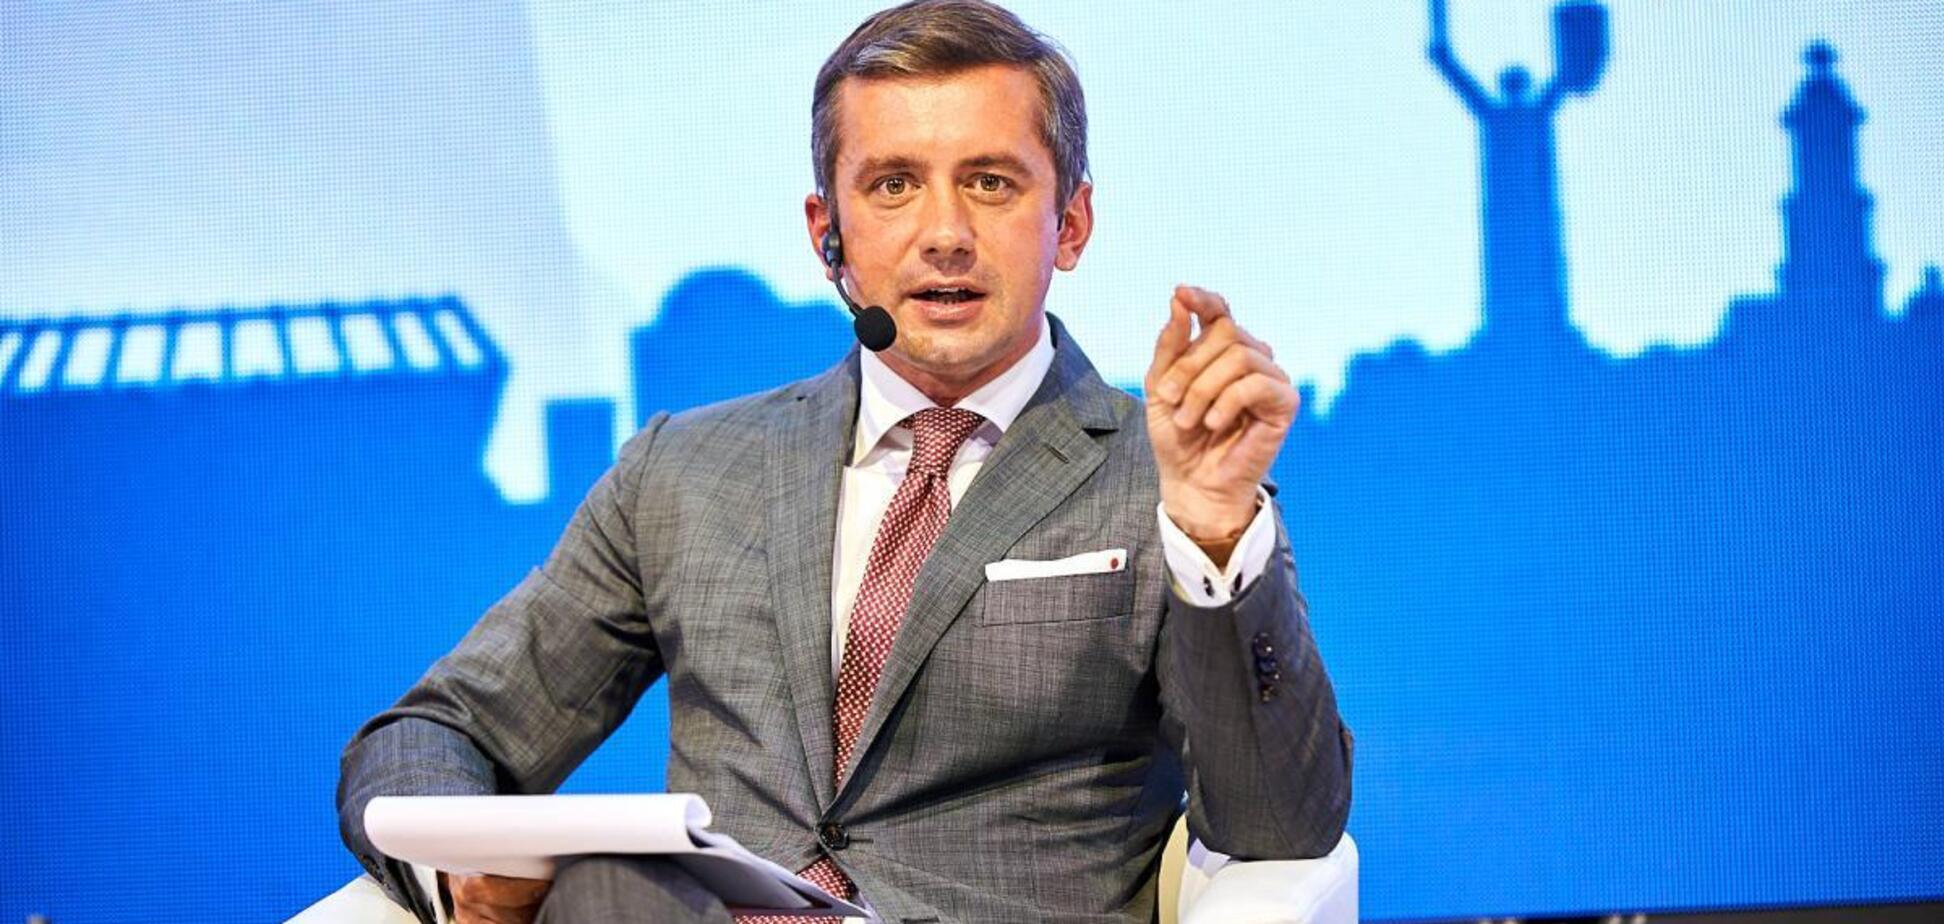 Украинские компании рискуют стать токсичными из-за сотрудничества с белорусскими, – Семенюк